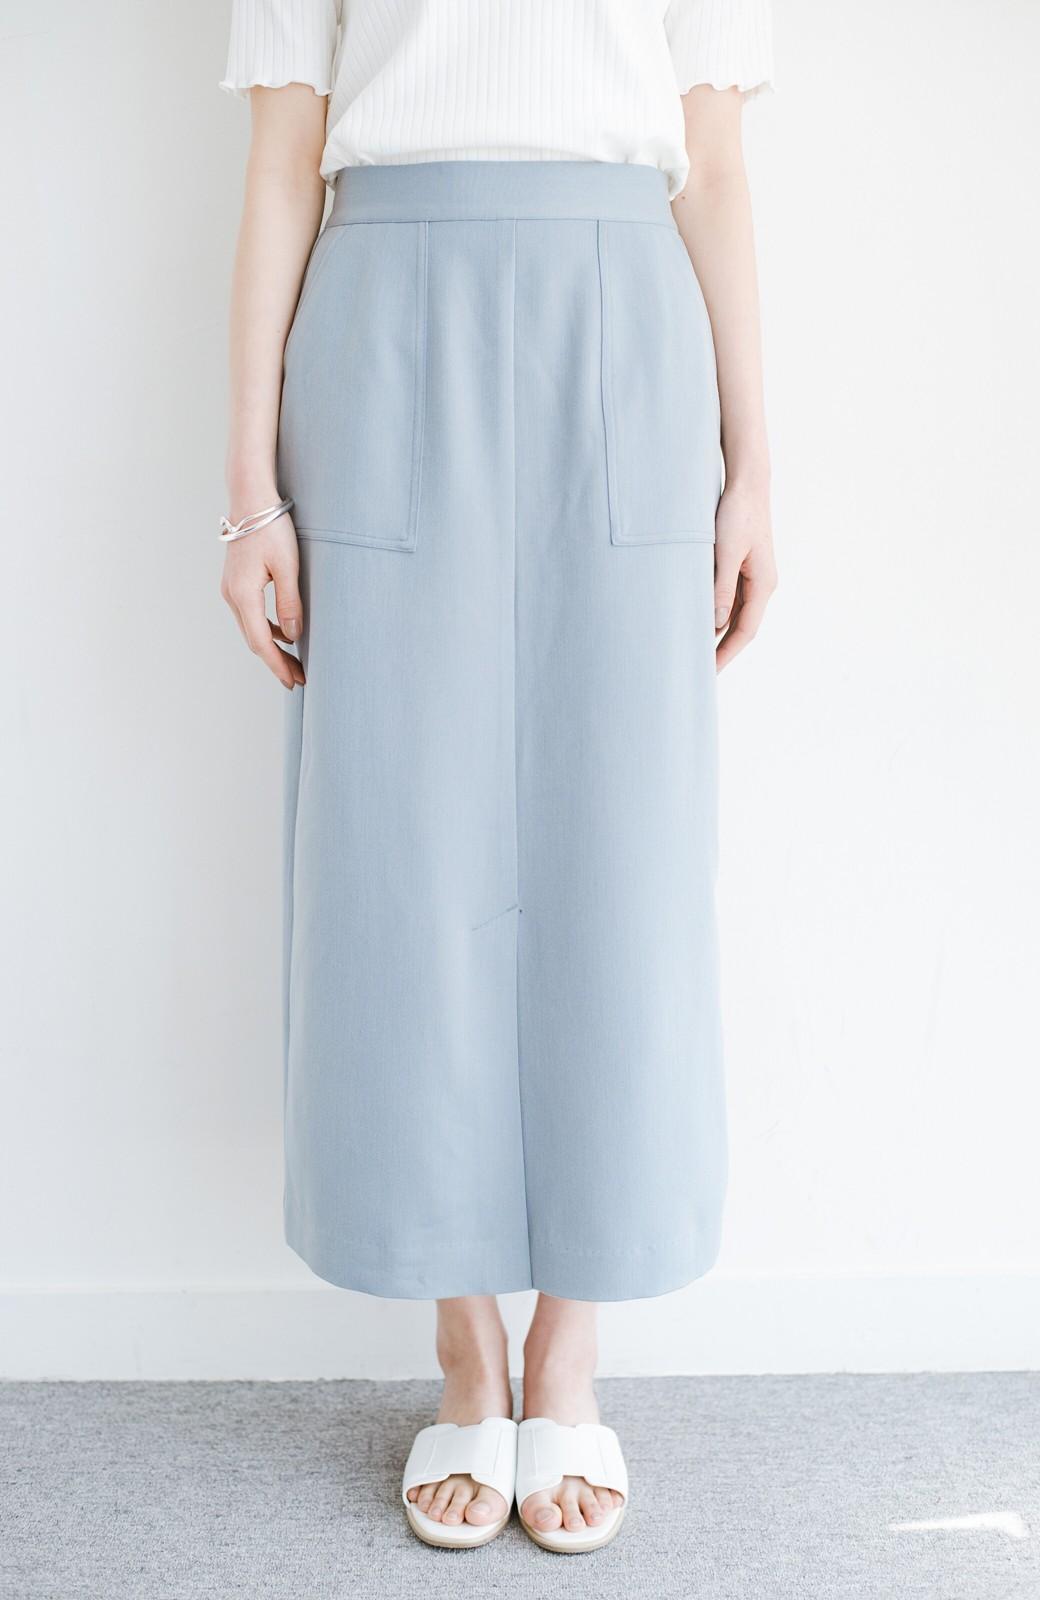 haco! カジュアルにもきれいめにも着られて便利 スリットが女っぽいセミタイトスカート <ブルー>の商品写真3